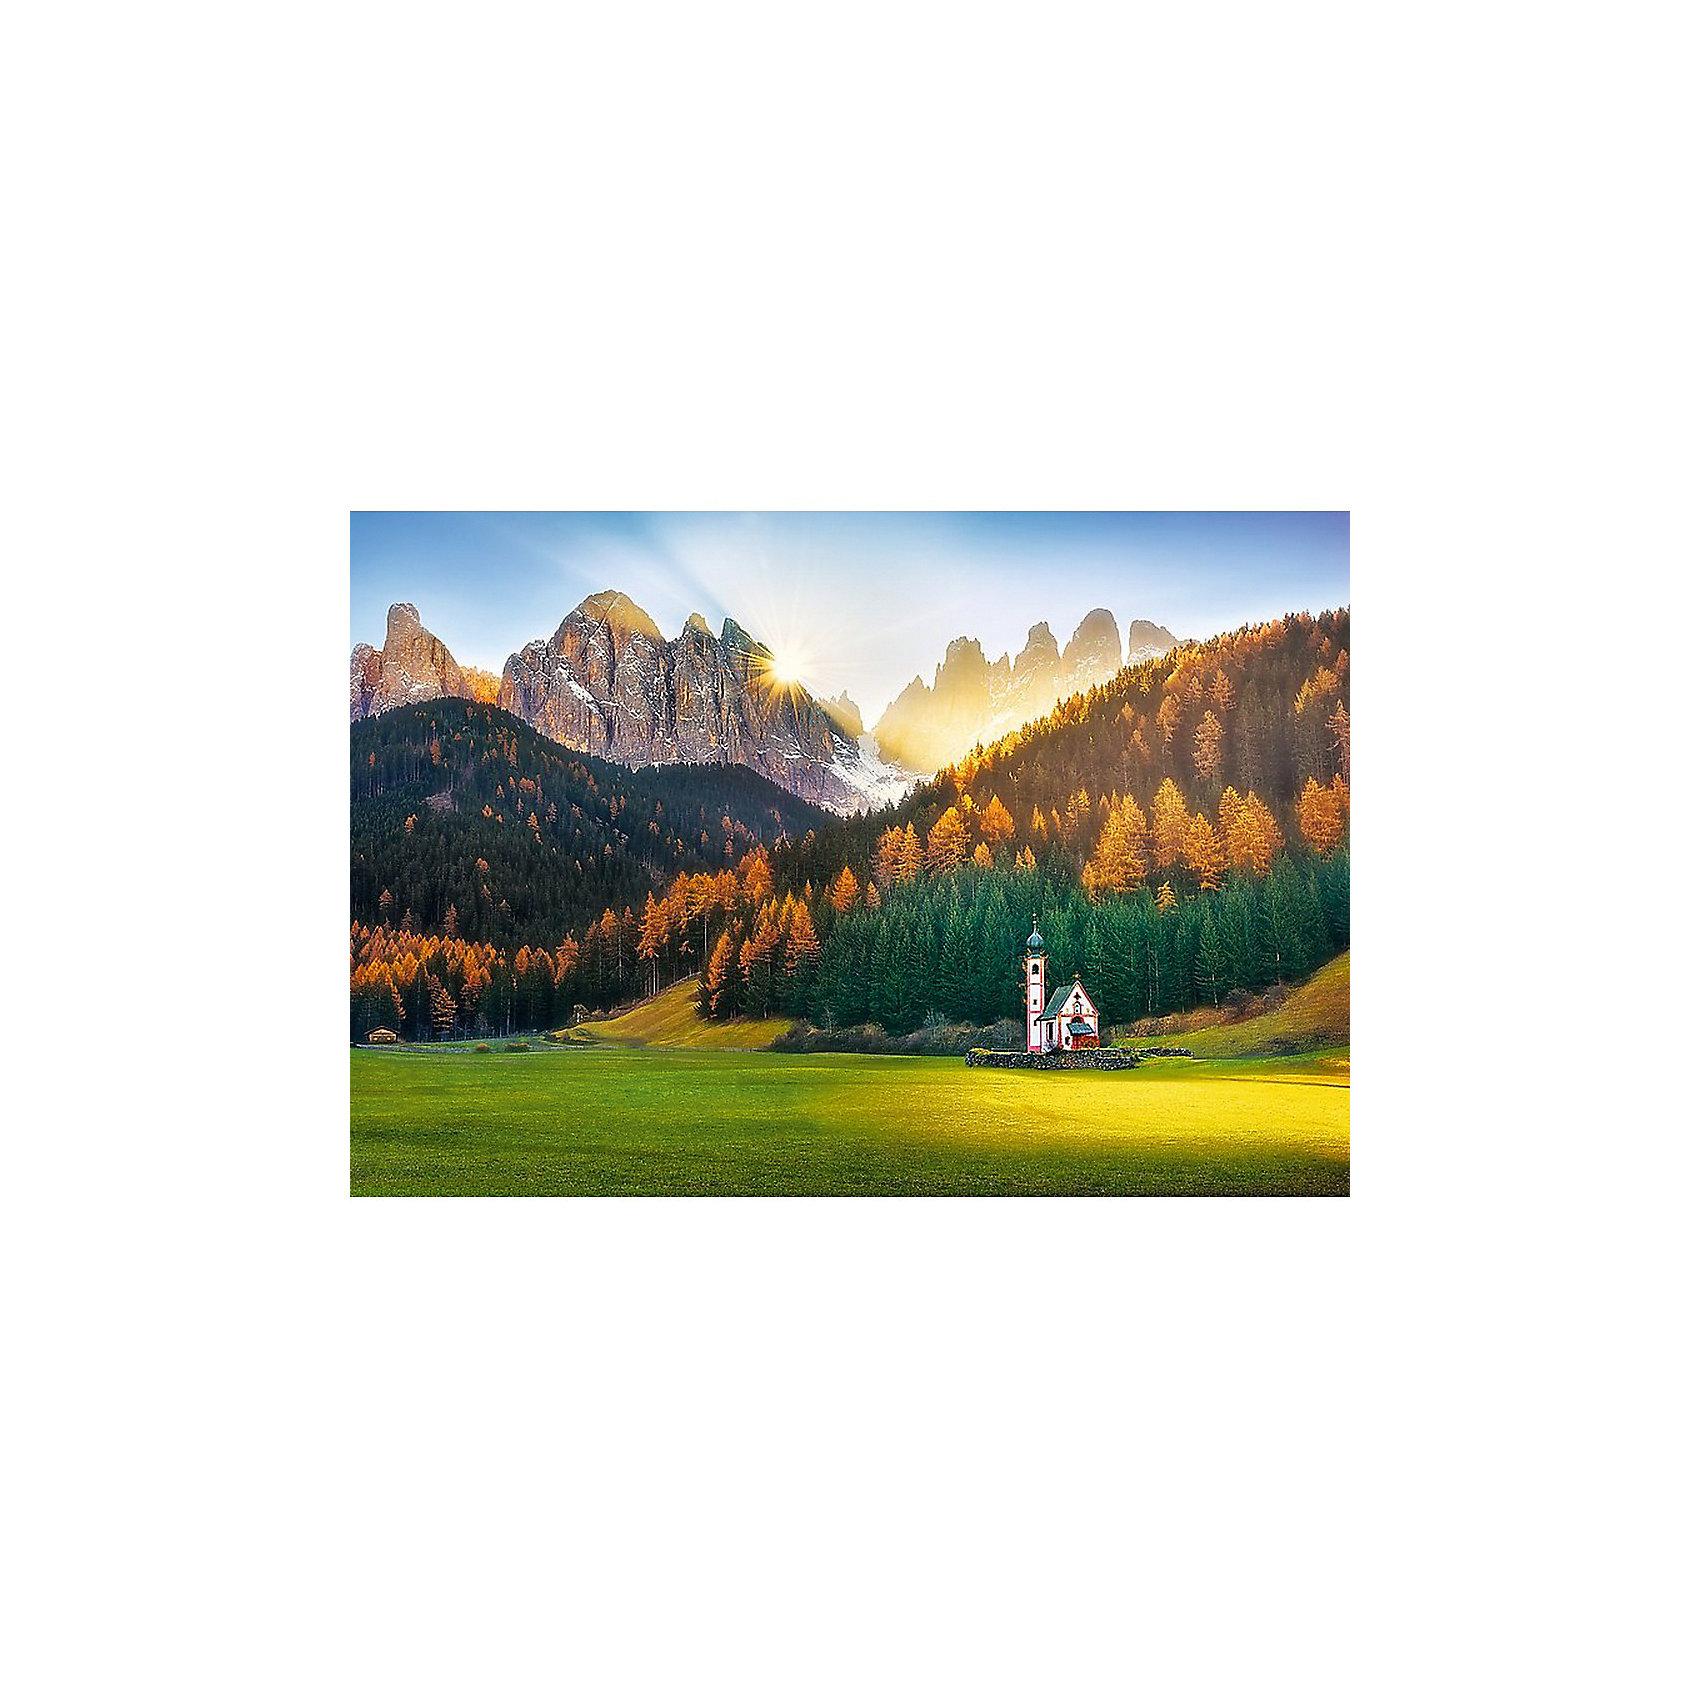 Пазлы Церковь в Доломитовых Альпах, 1500 элементовПазлы для детей постарше<br>Пазл Церковь в Доломитовых Альпах – это красивый пейзаж с небольшой церквушкой на фоне хвойного леса и альпийских гор.<br>Пазл состоит из 1500 элементов. Размер собранной картинки равен 85x58 сантиметров. <br>Элементы пазла выполнены из прочного картона. Он стойко переносит различные внешние воздействия, в том числе и попадание воды. Сами детали вырезаны высокоточными инструментами. Поэтому они хорошо стыкуются между собой.<br>Пазл рекомендуется для взрослых и подростков от 14 лет. Детям младшего возраста рекомендуется собирать этот пазл вместе с взрослыми.<br><br>Ширина мм: 270<br>Глубина мм: 60<br>Высота мм: 400<br>Вес г: 980<br>Возраст от месяцев: 168<br>Возраст до месяцев: 2147483647<br>Пол: Унисекс<br>Возраст: Детский<br>SKU: 7126370